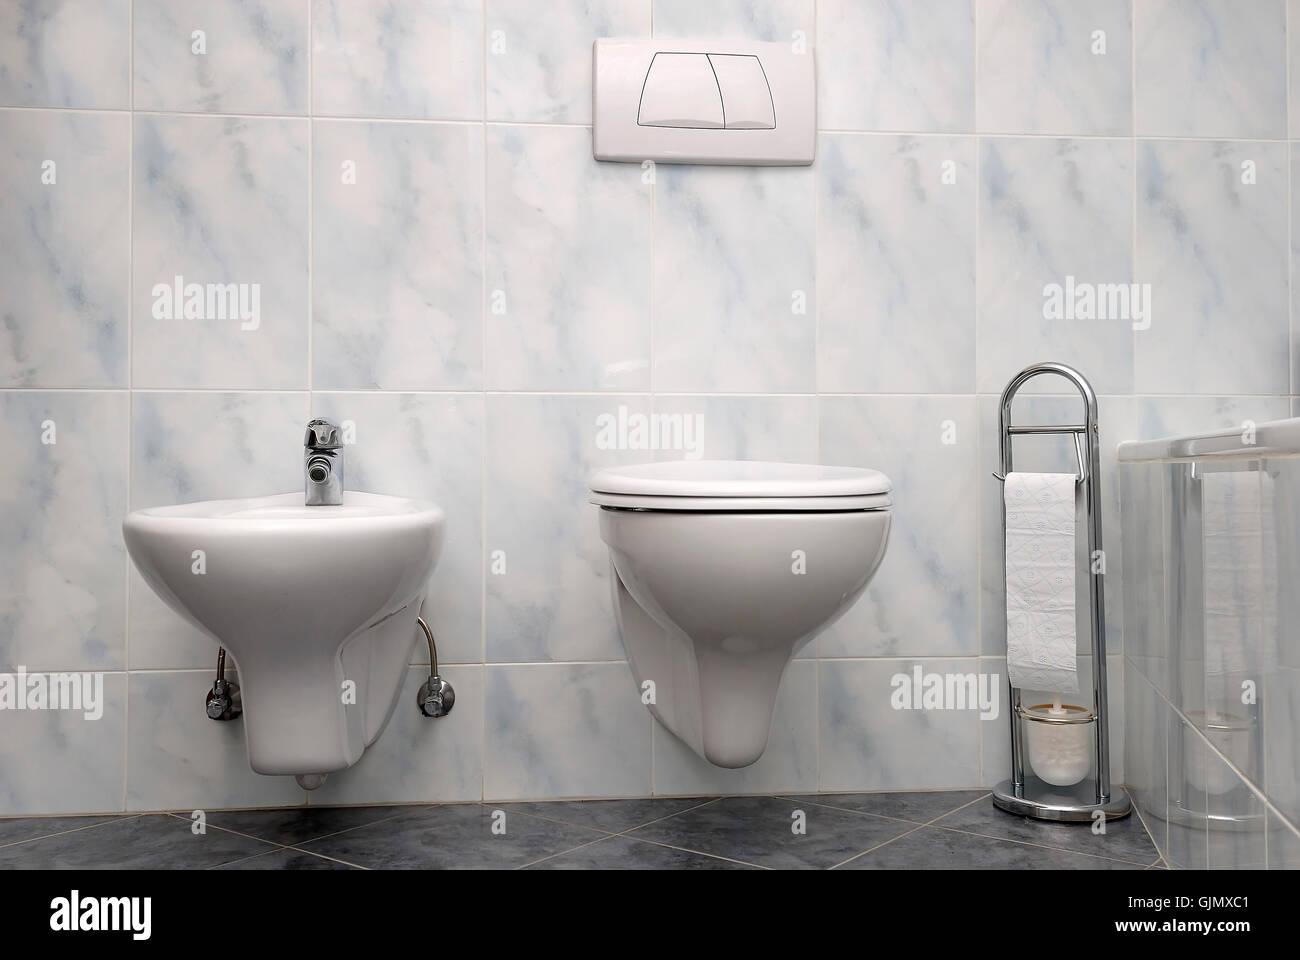 flow ceramic tiles toilet Stock Photo